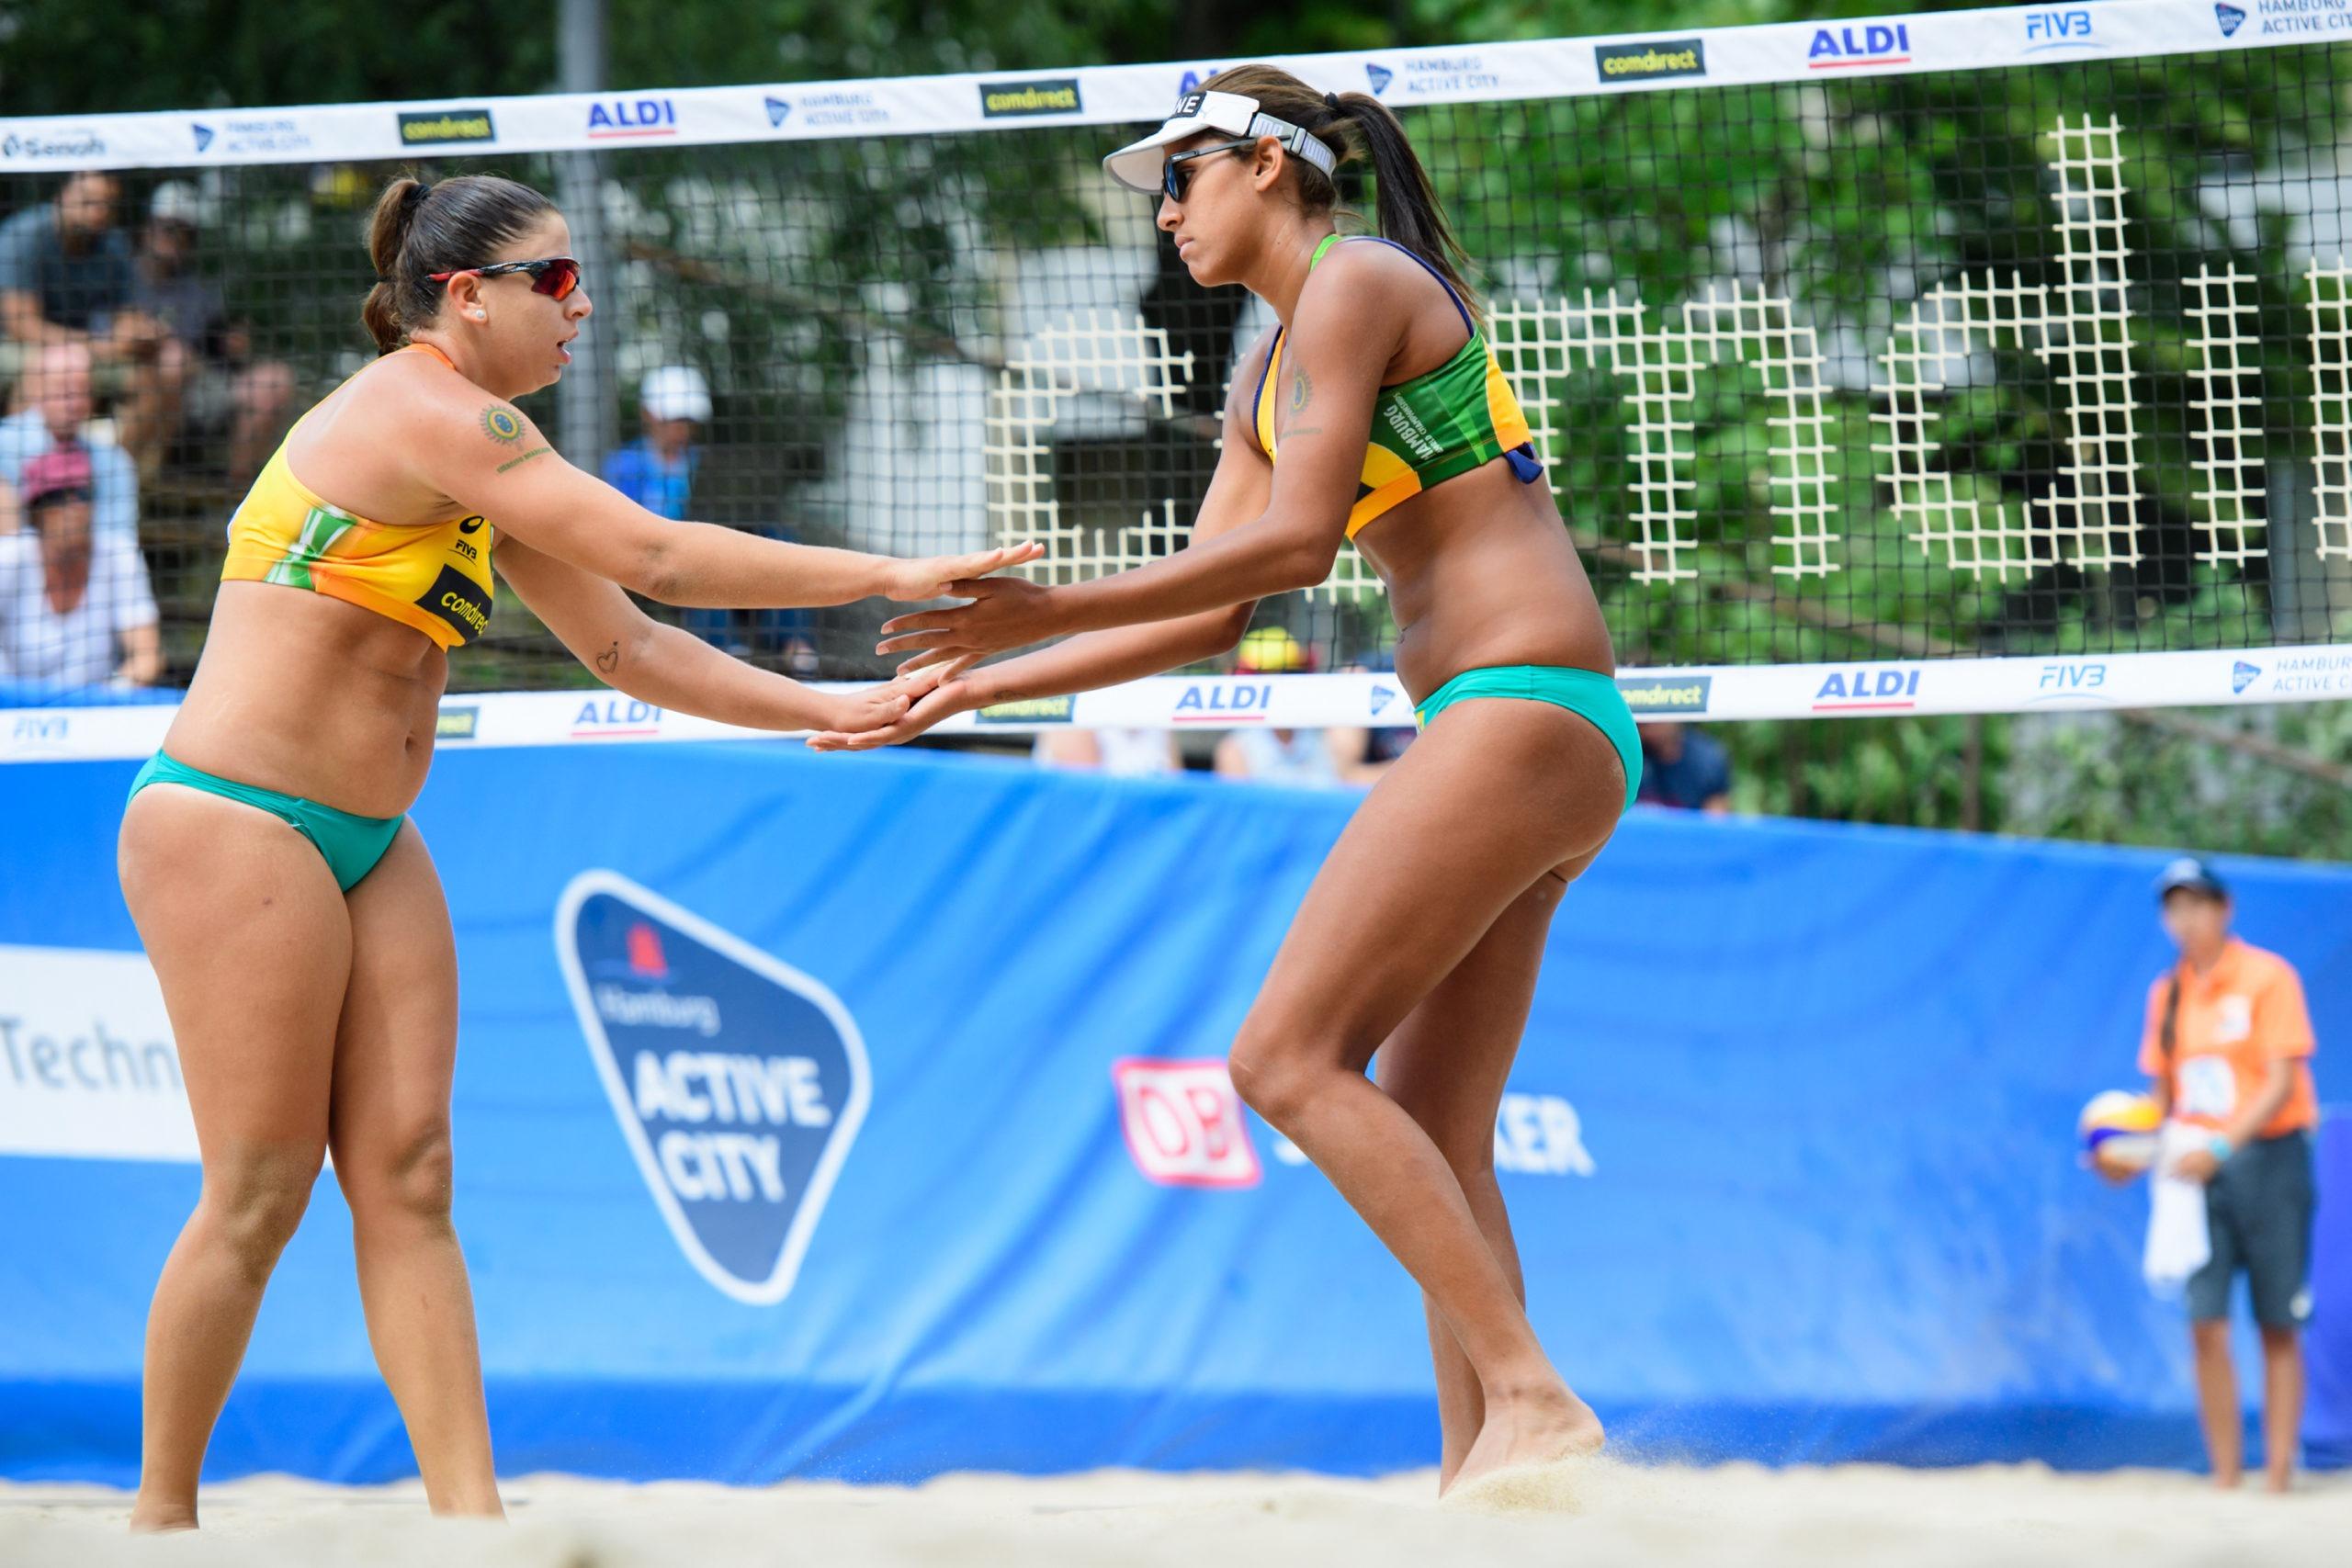 Mundial de vôlei de praia: Brasil vence mais três jogos no feminino